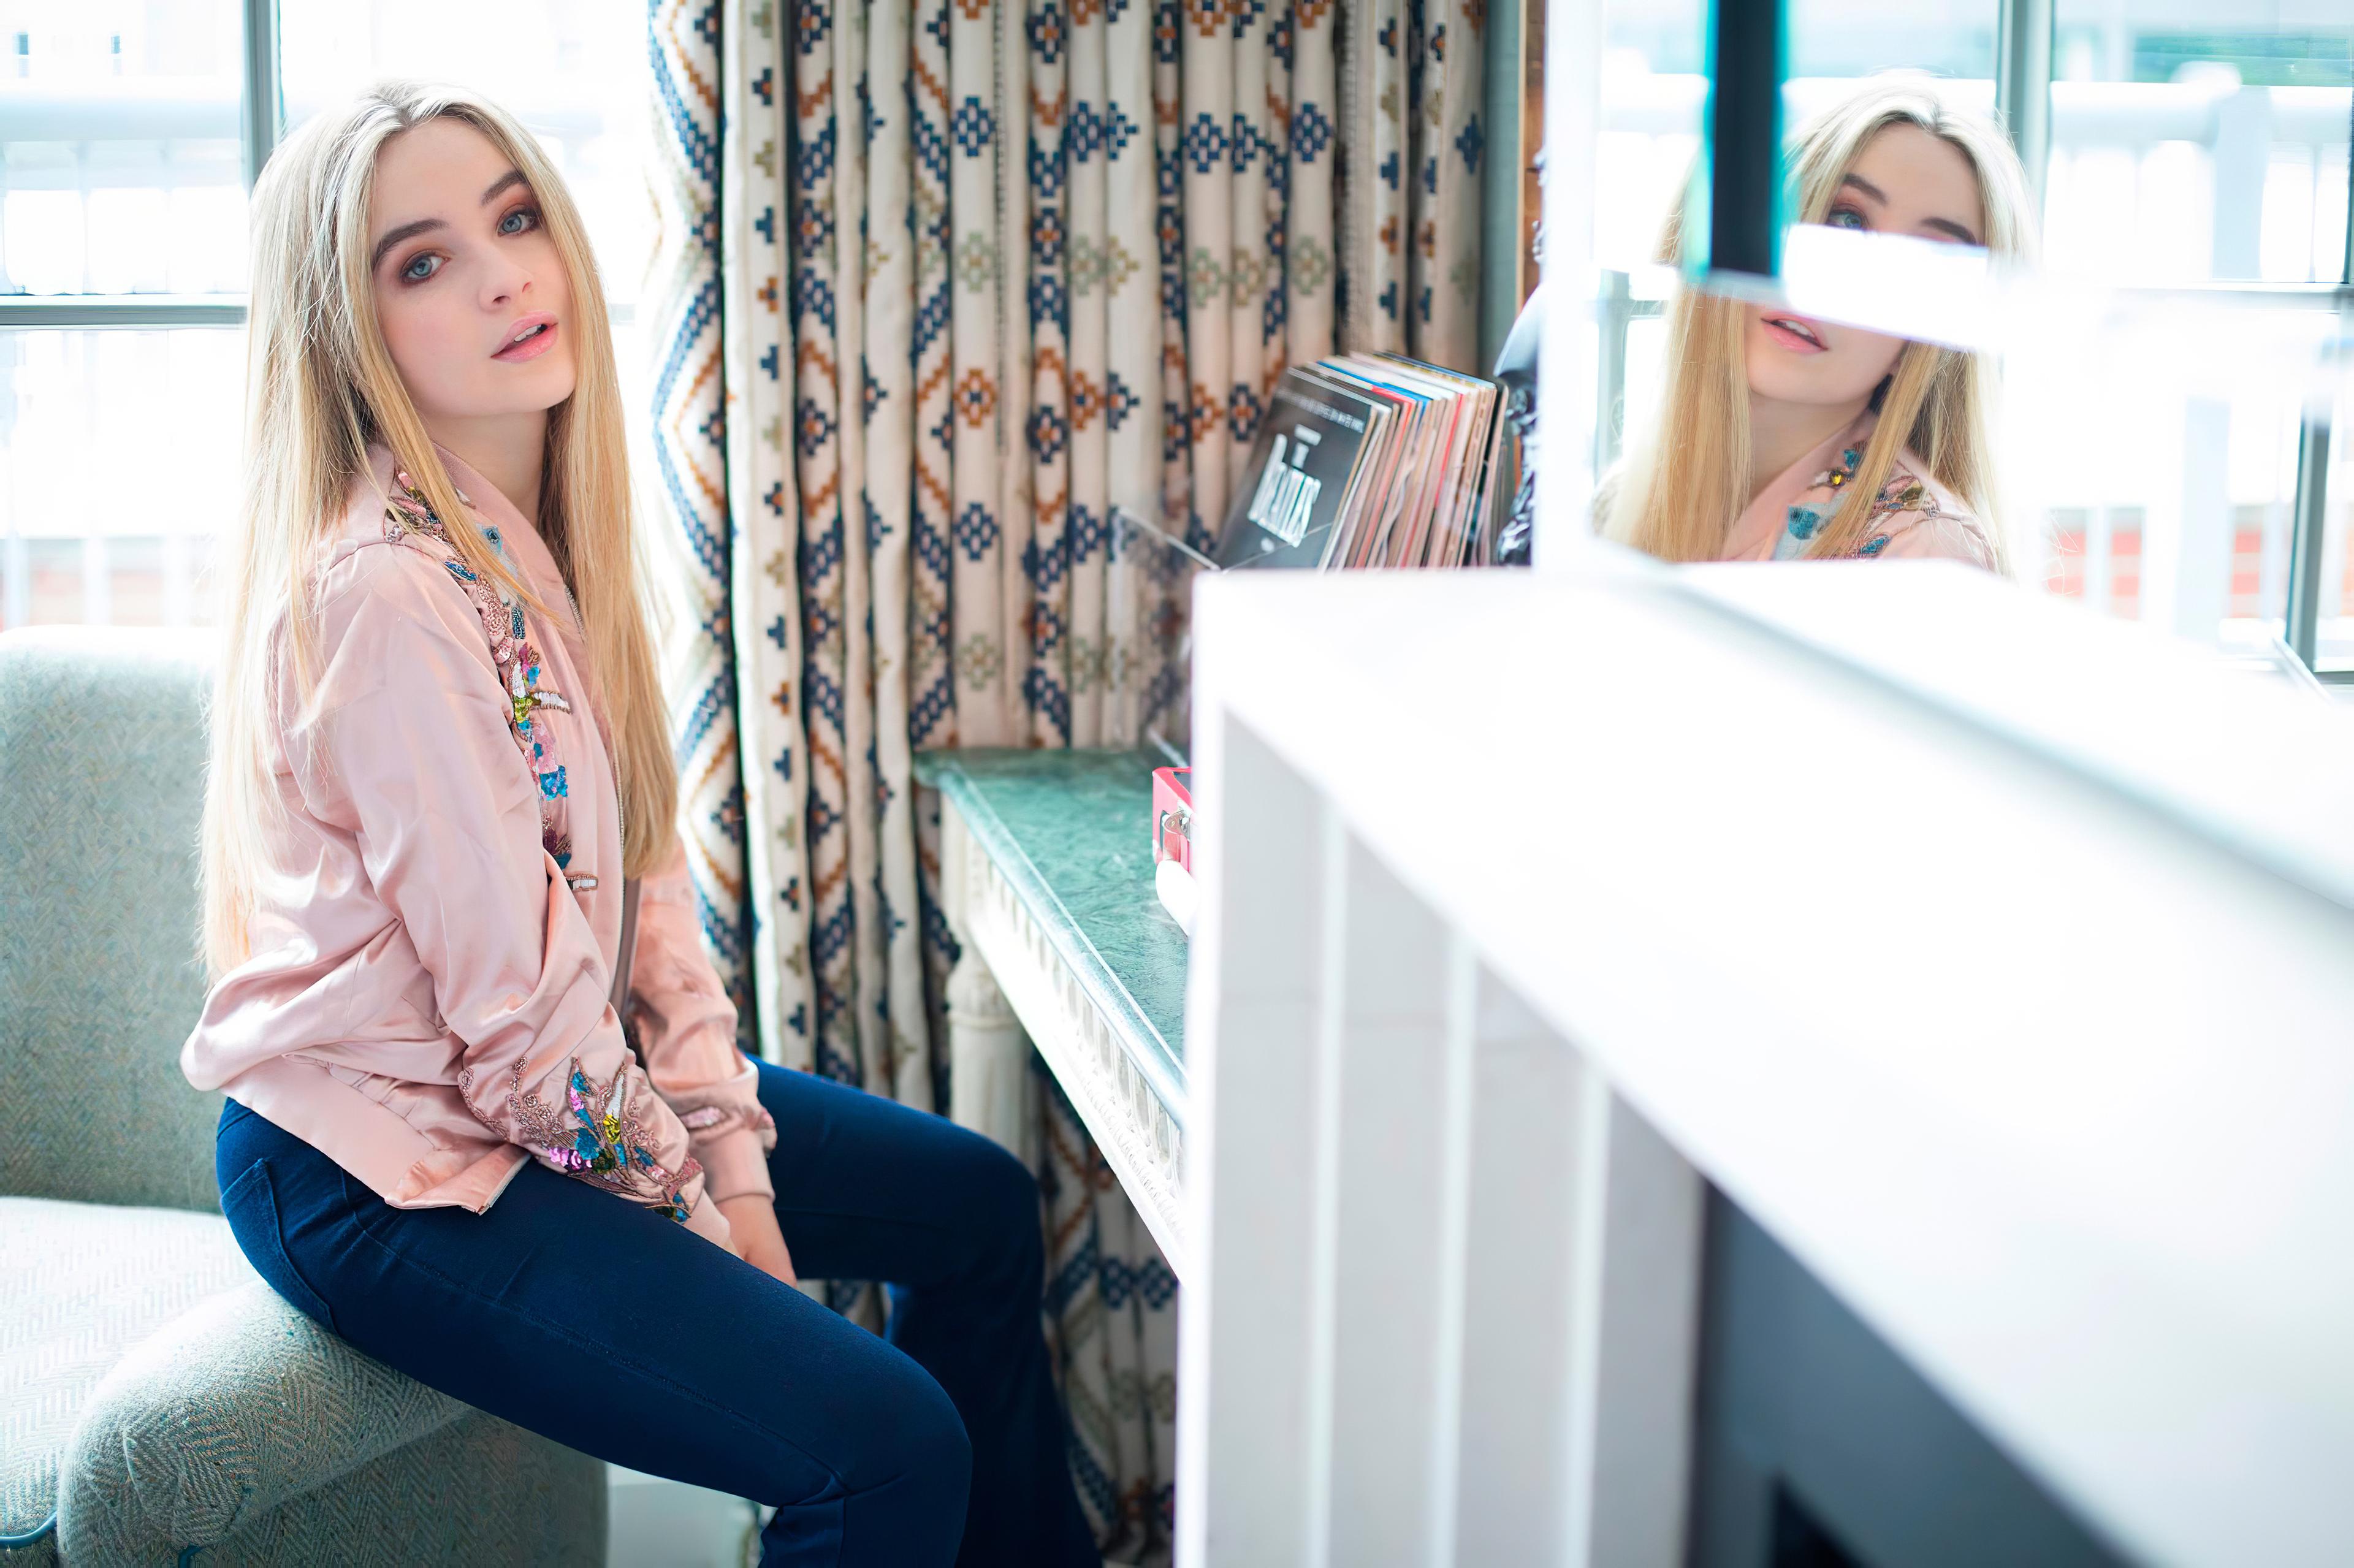 Fondos de pantalla Sabrina Carpenter en habitación